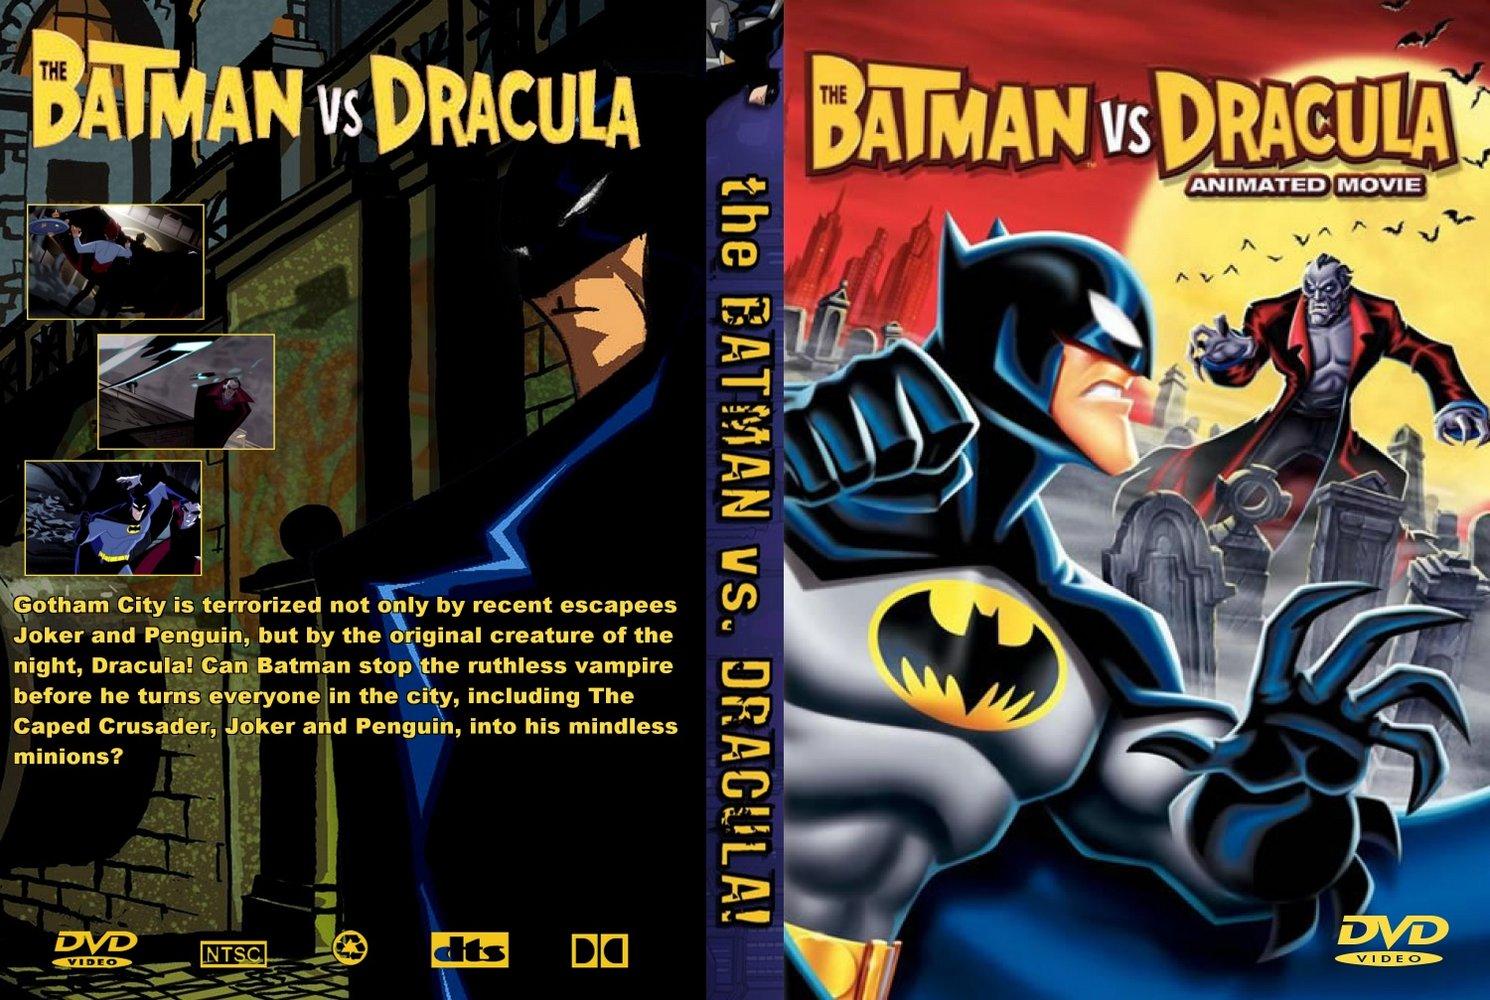 b-v-d - Batman vs. Dracula[AVI][Mega][Latino] - Descargas en general